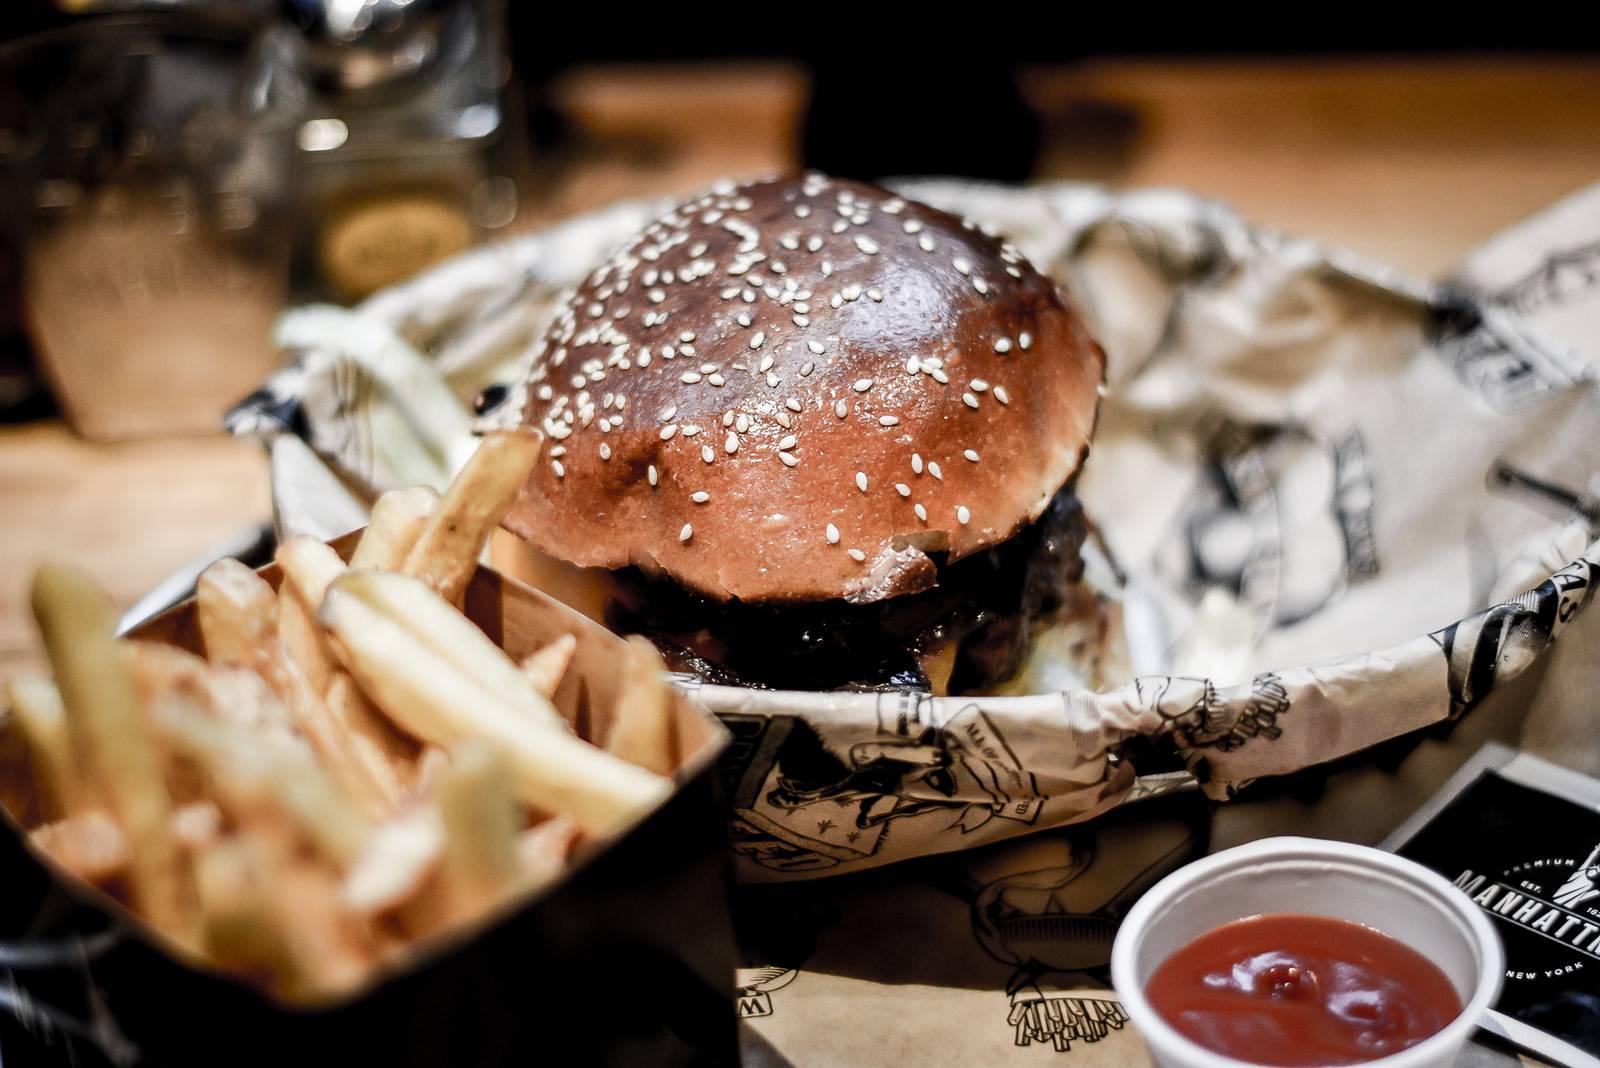 Manhattan's burger Avenue Louise